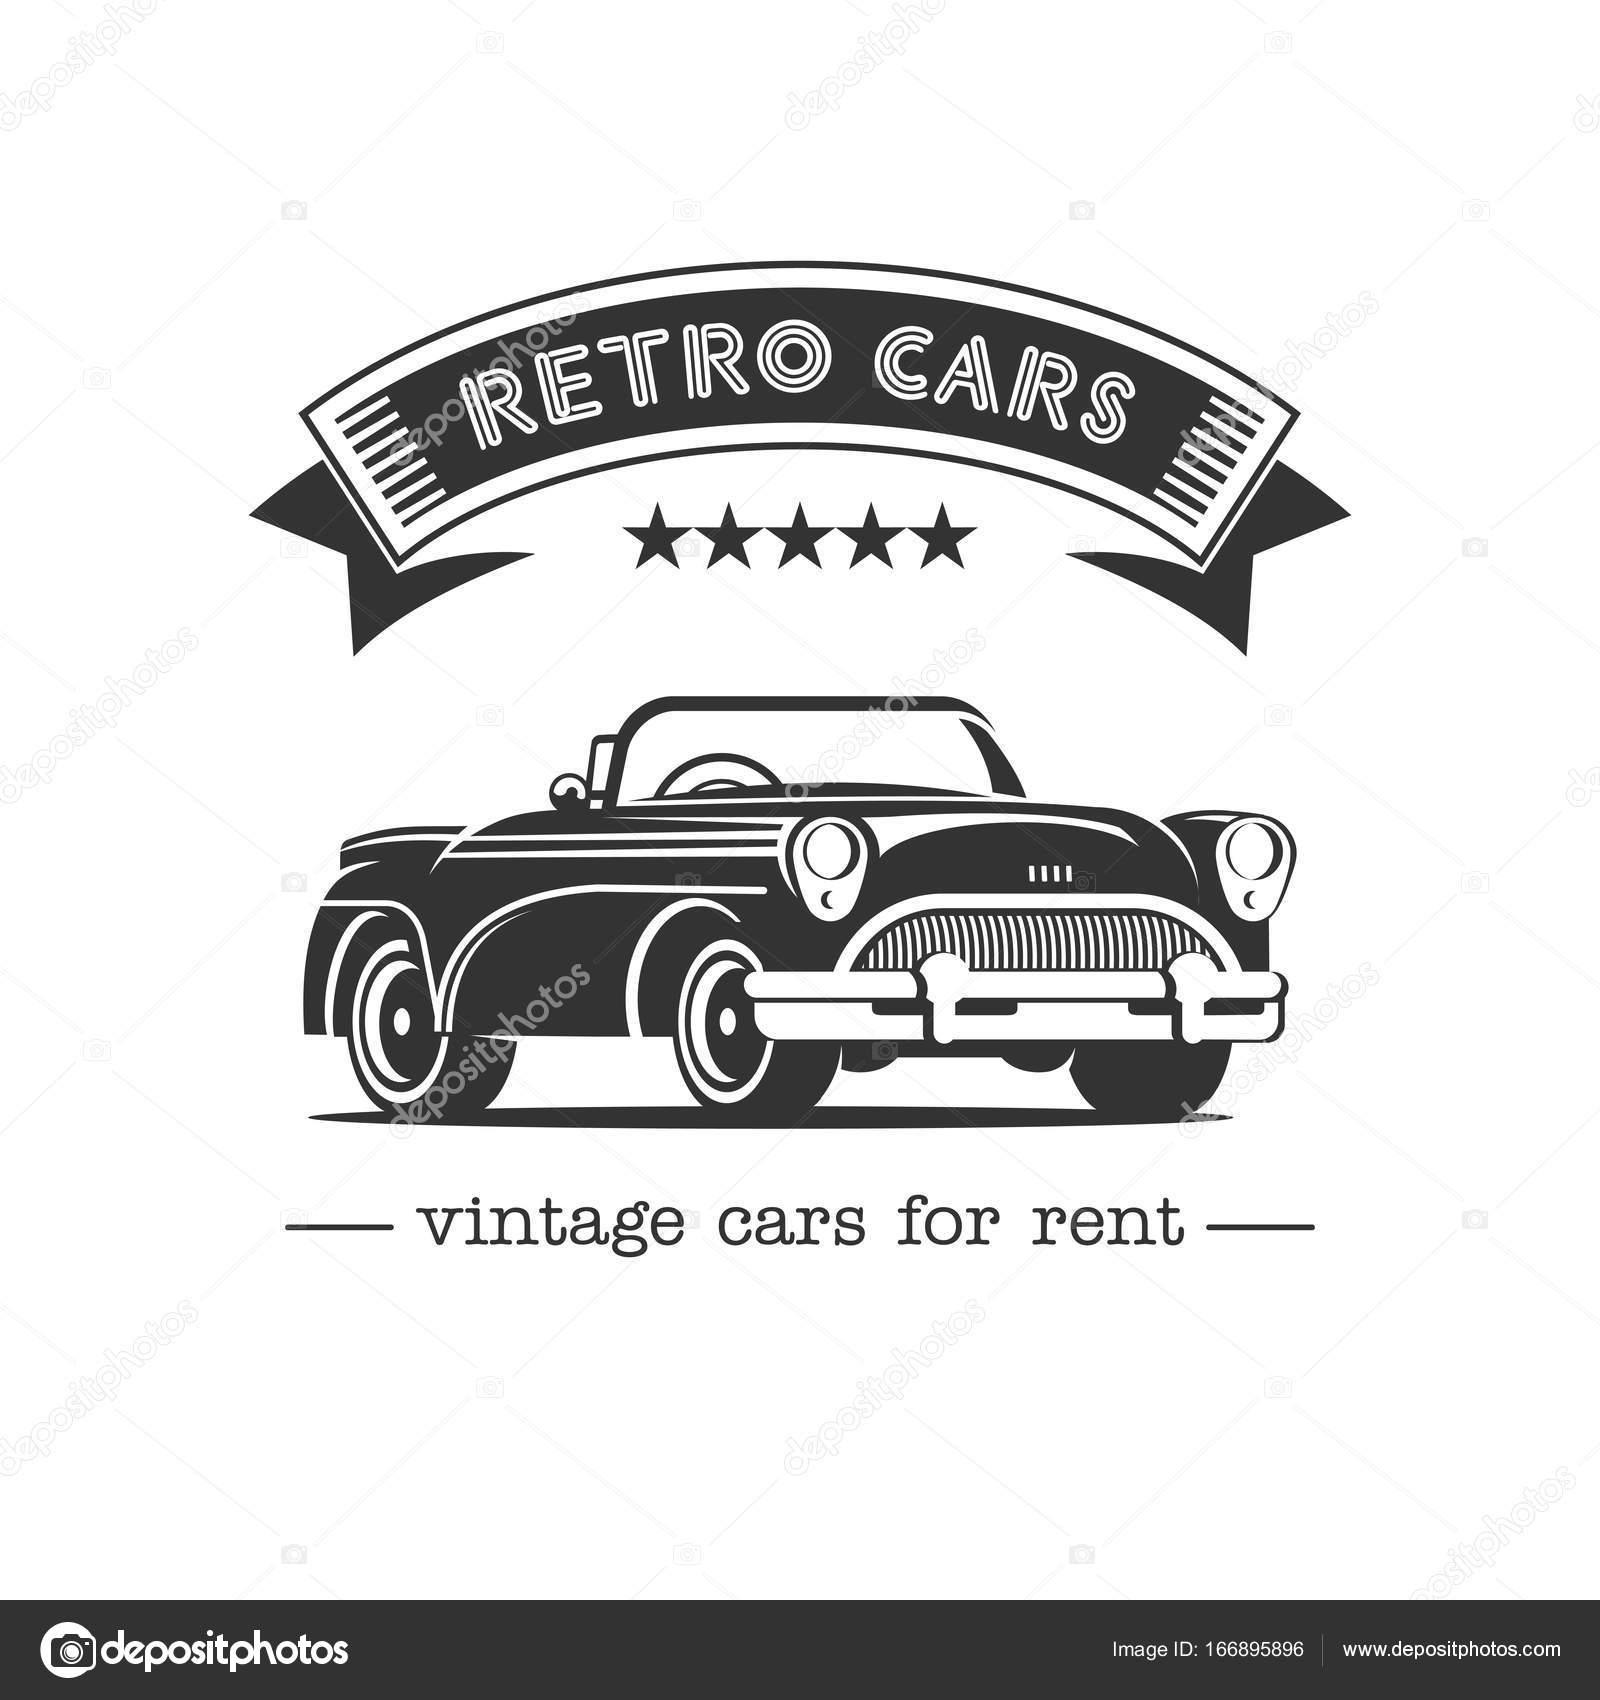 Carro antigo. Venda, locação de carros antigos. Logotipo